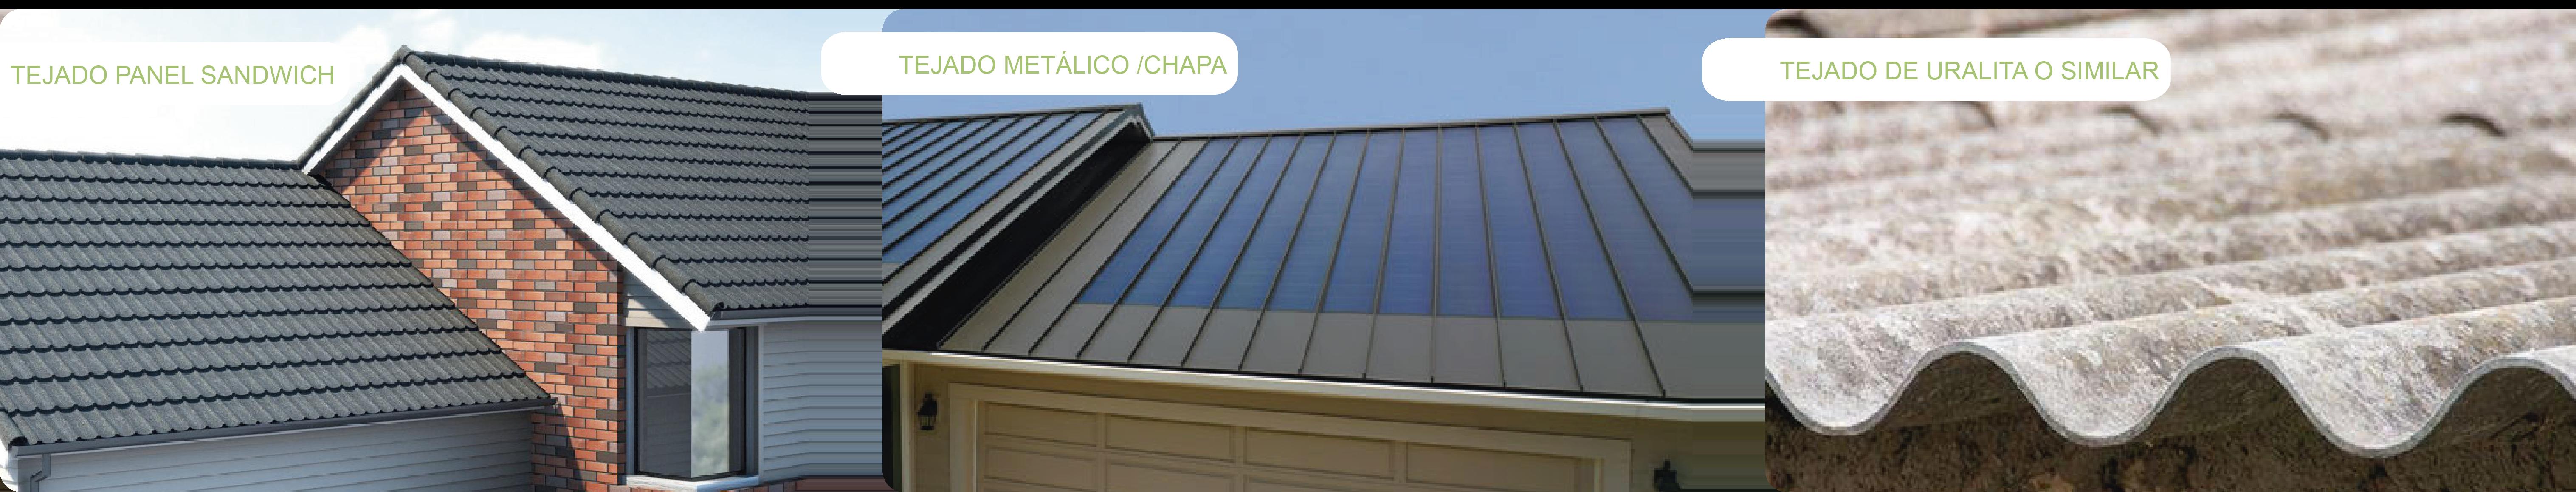 Kits de fijaciones para tejados o cubiertas metálicas inclinadas de Cambio Energético.